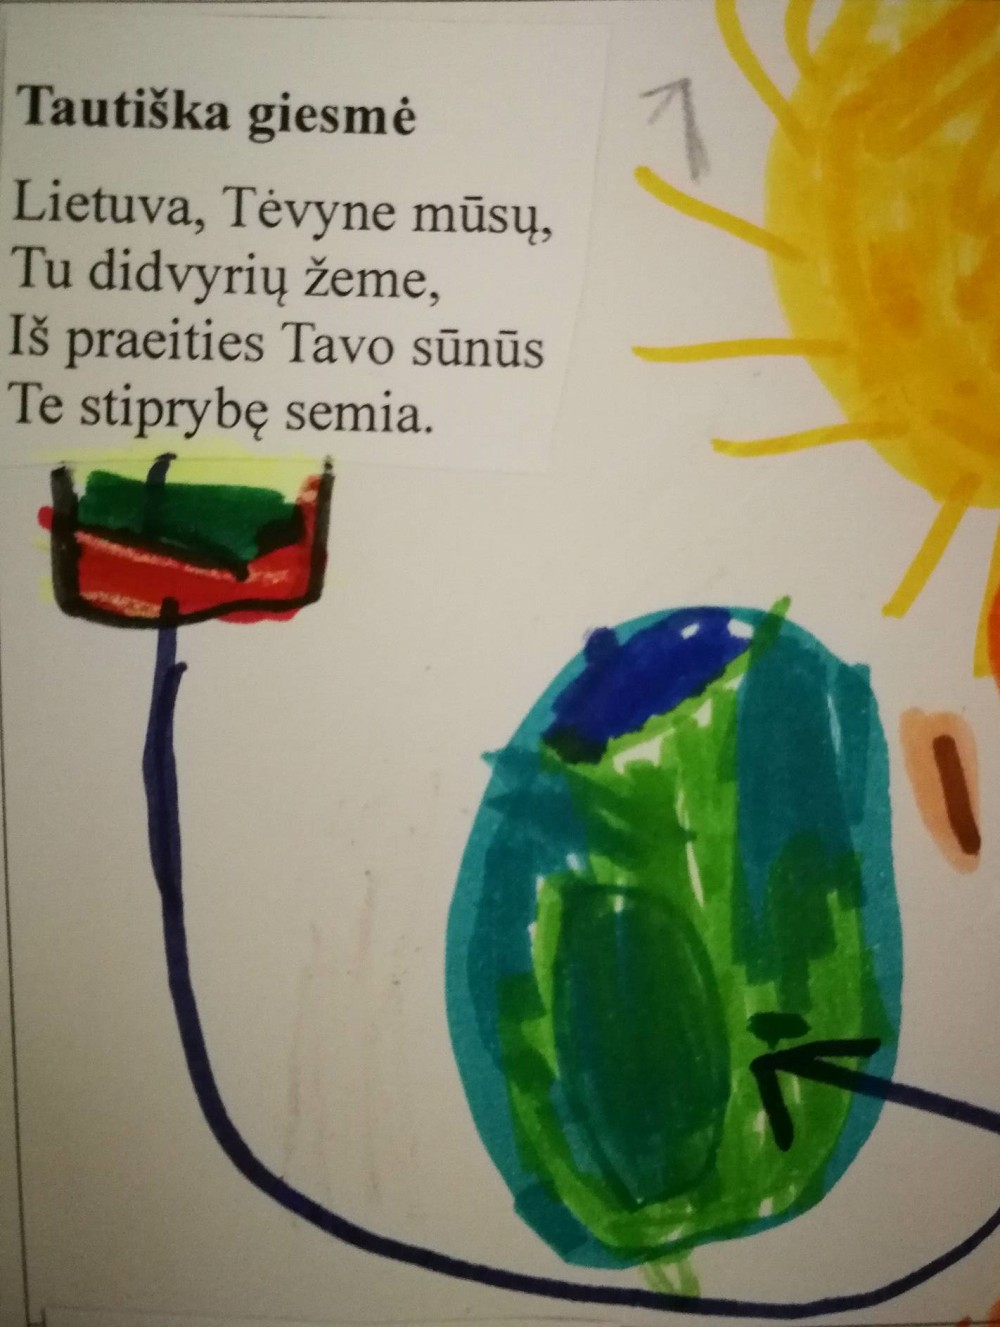 himno iliustracija